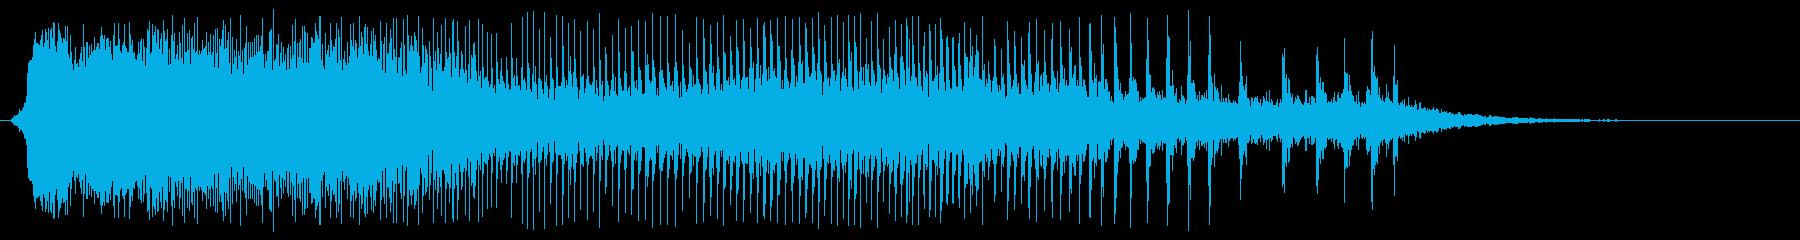 ギィィー(木のきしみ音)の再生済みの波形